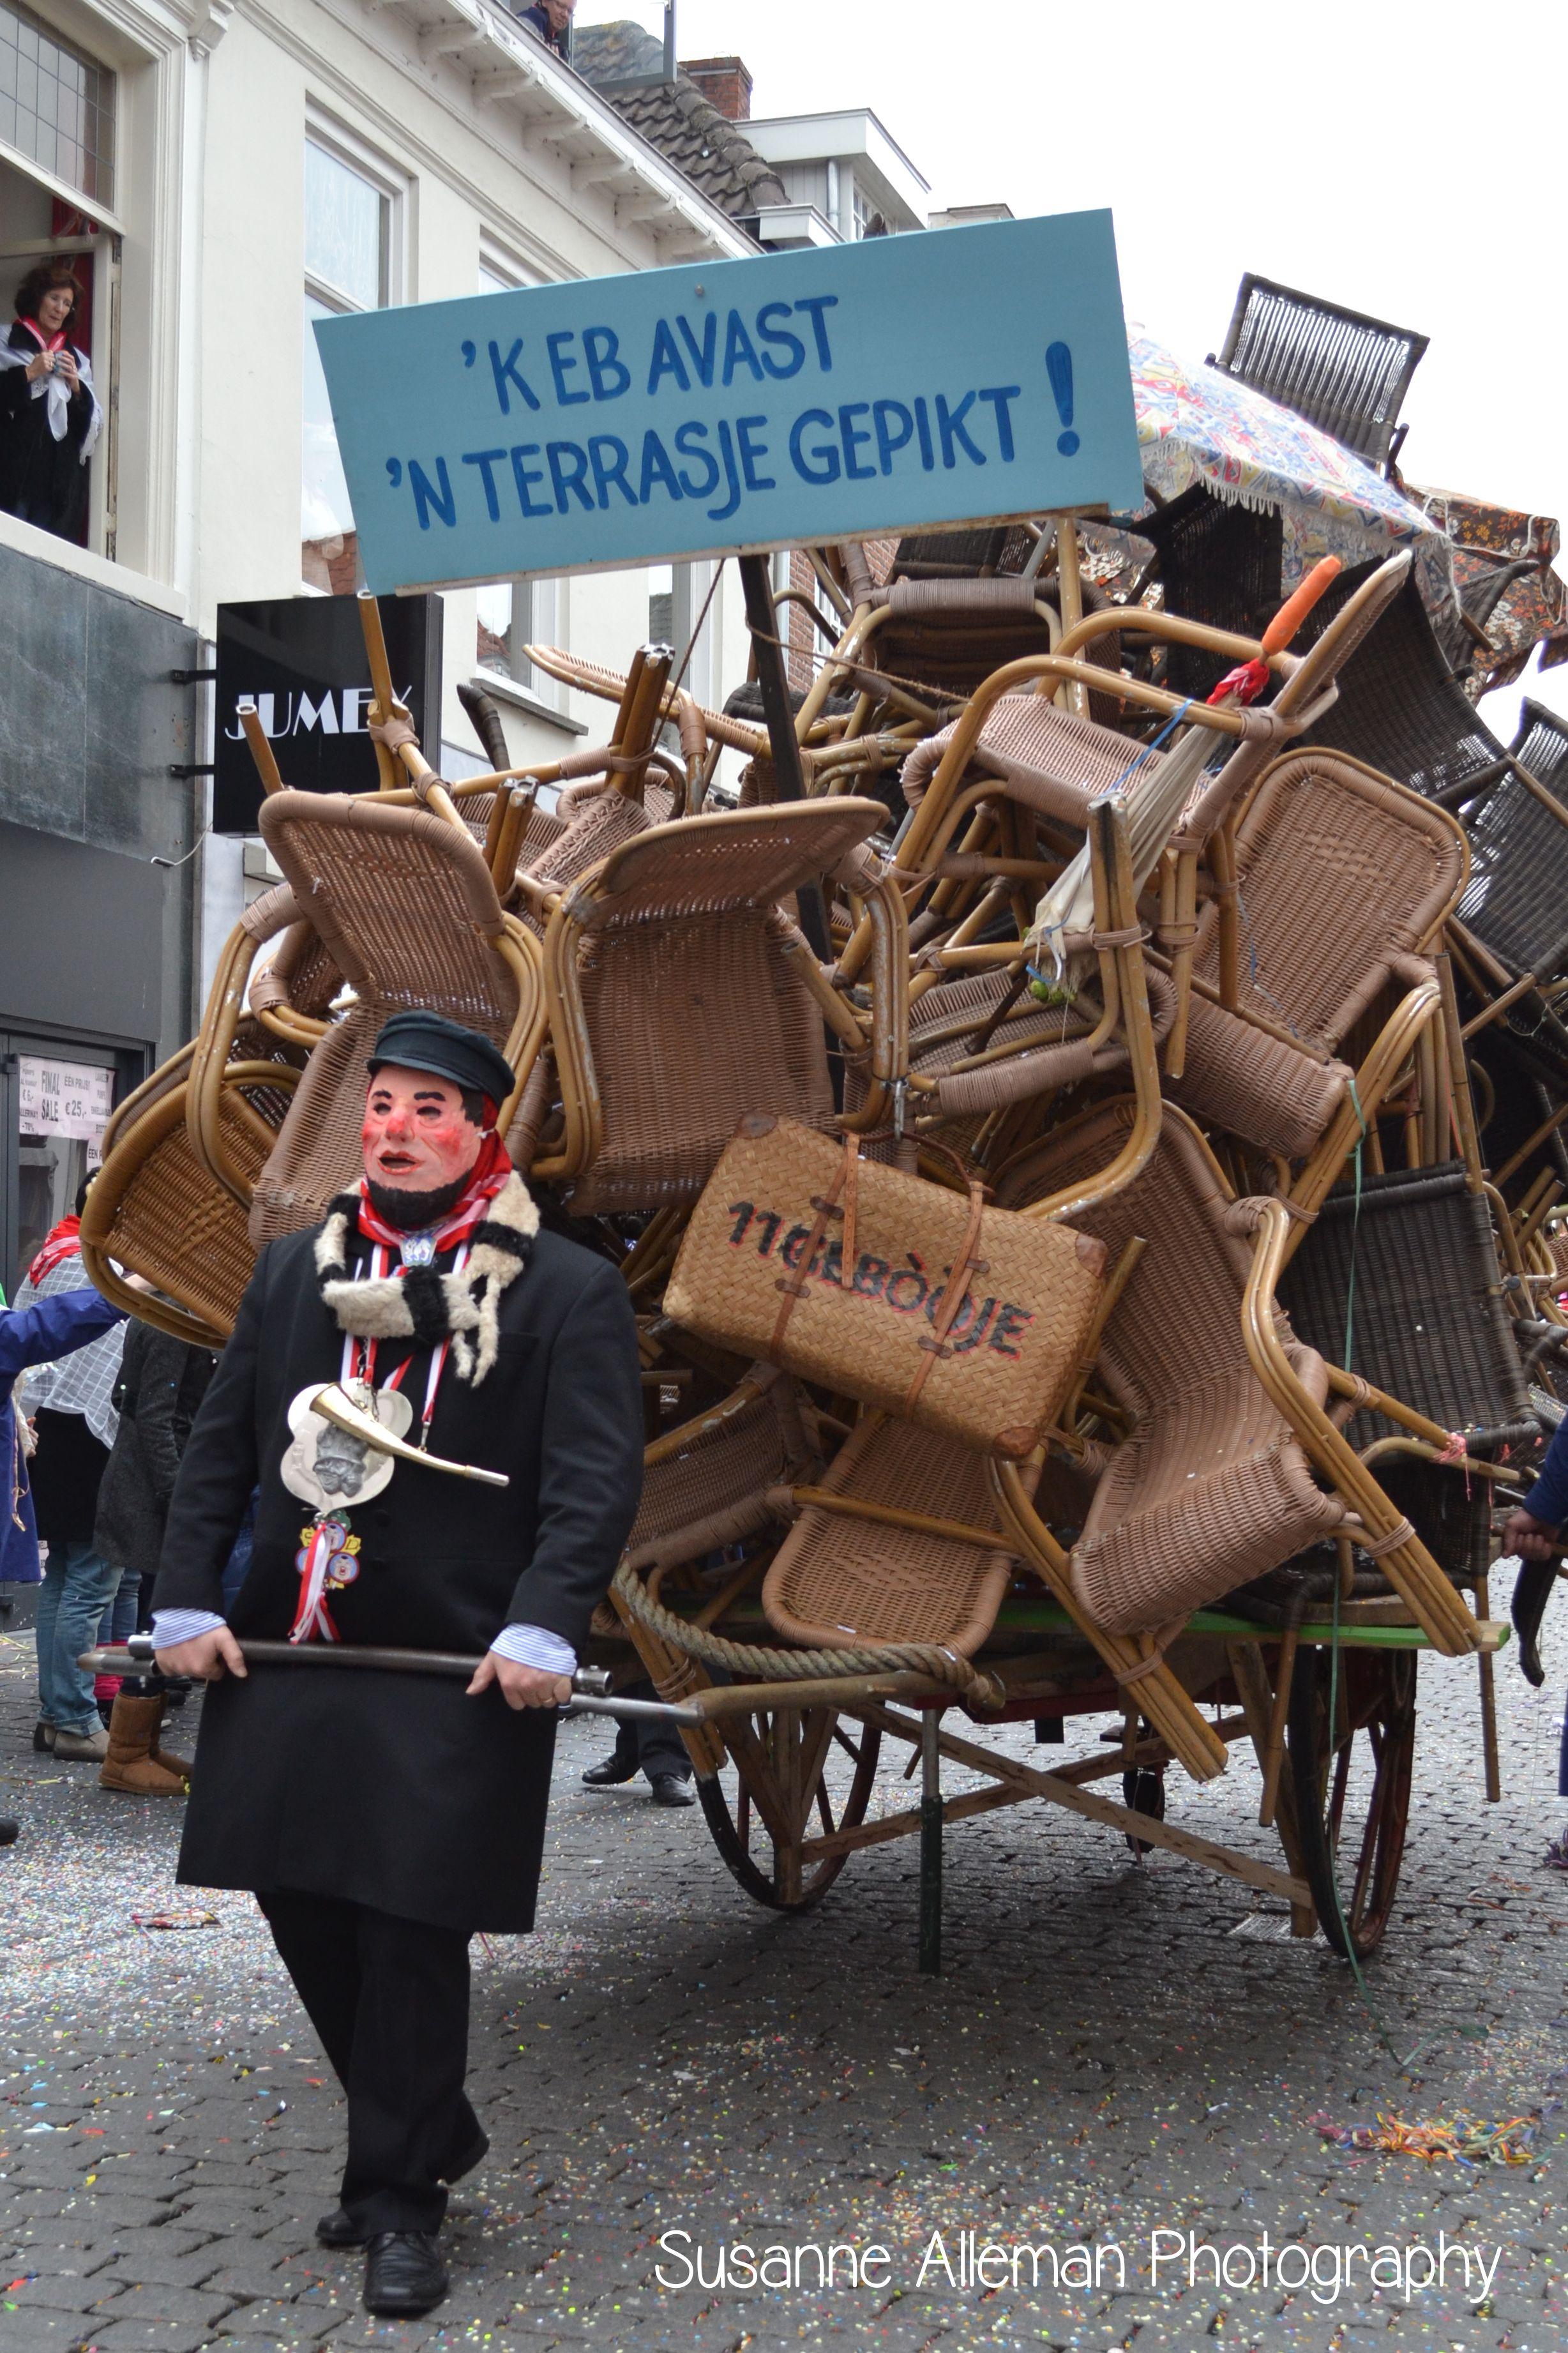 Vastenavend In T Krabbegat De Grootste Boer Bergen Bergen Op Zoom Alleman